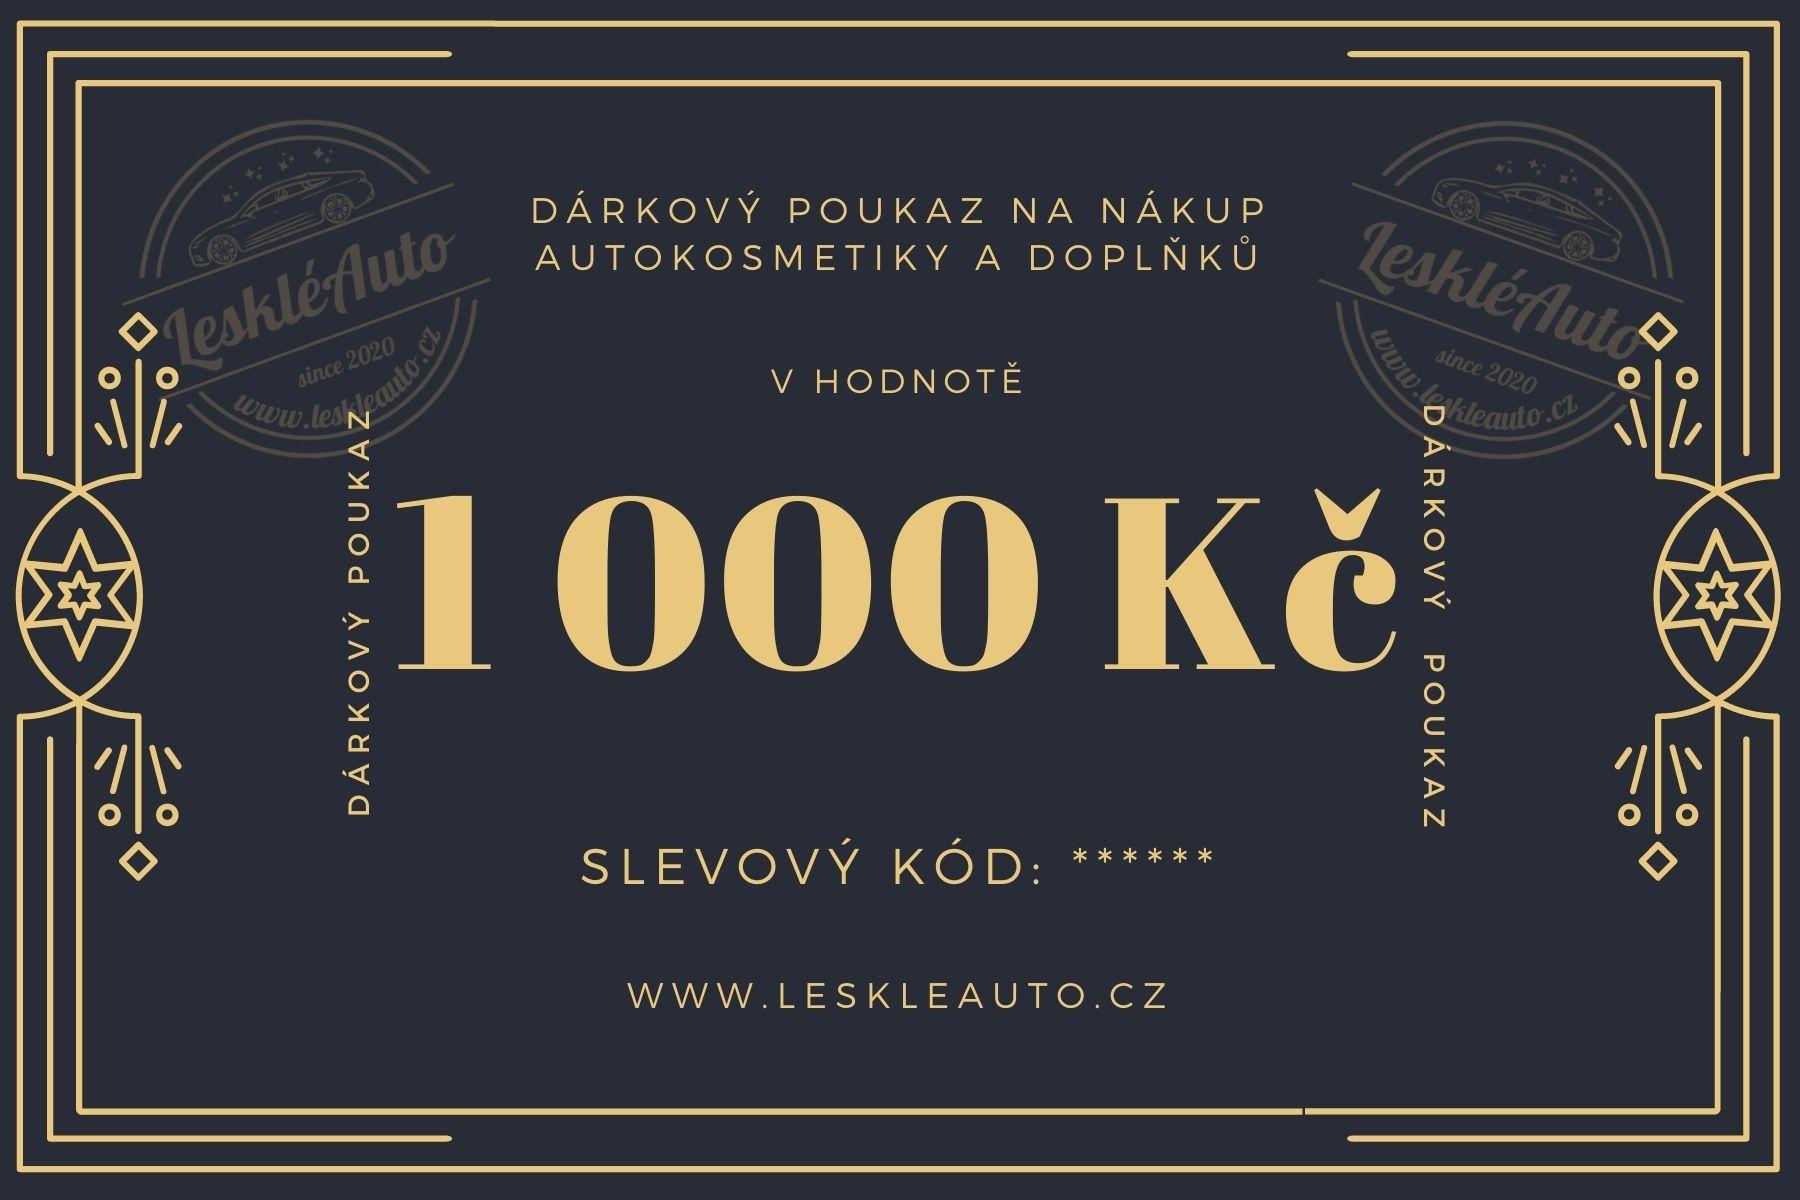 Dárkový poukaz v hodnotì 1000 Kè - zvìtšit obrázek